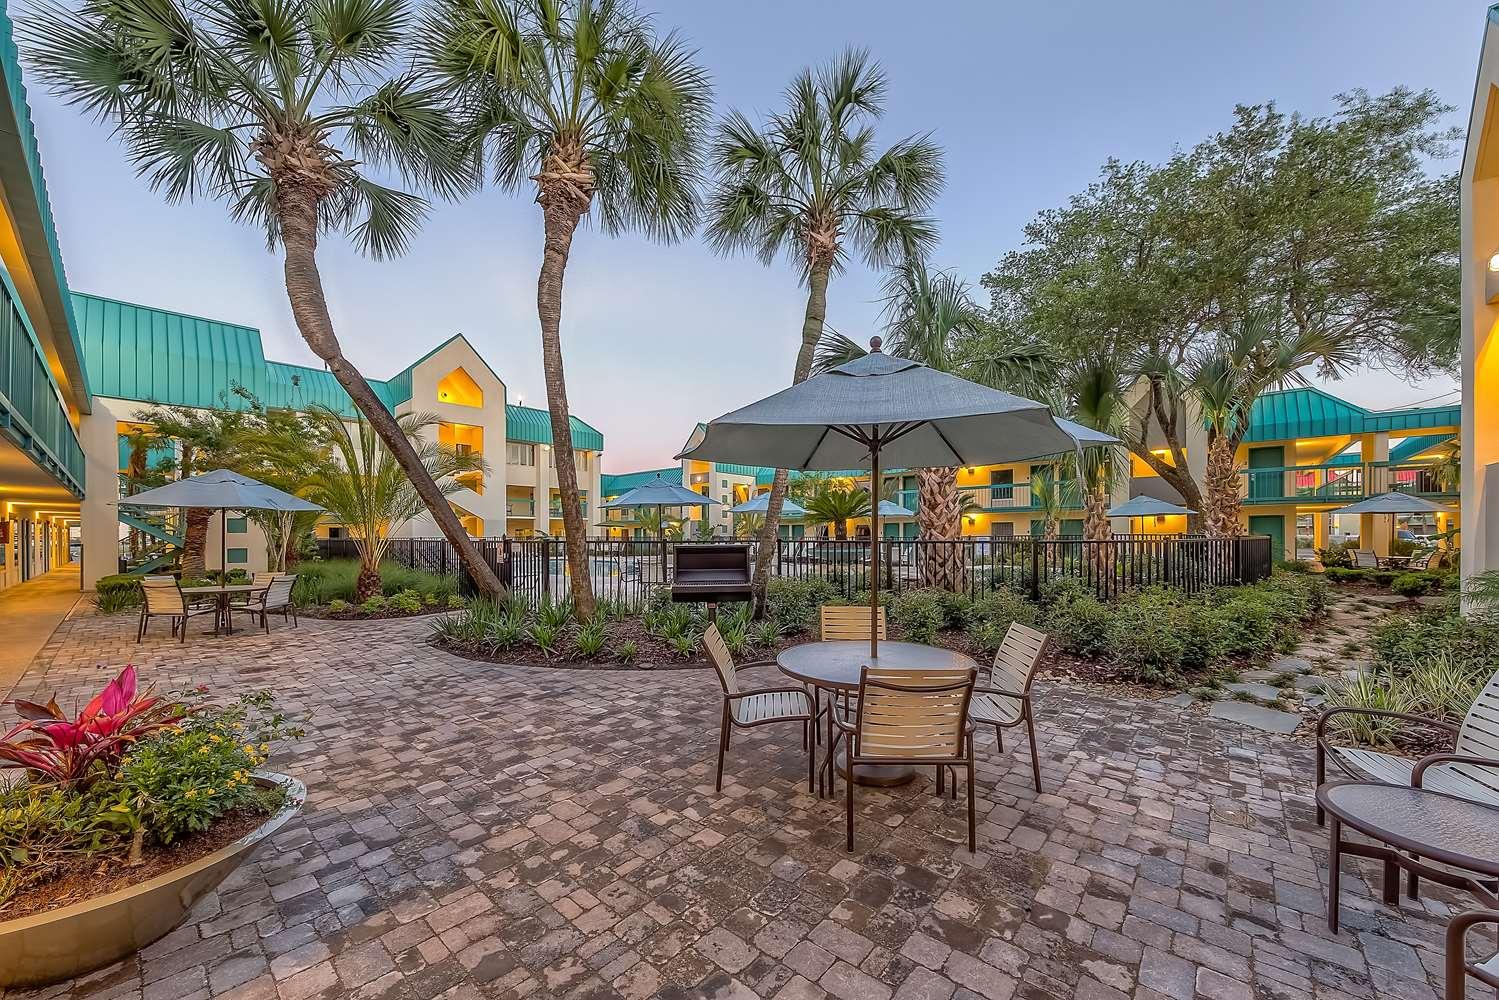 best western seaway inn gulfport ms 9475 highway 49 39503. Black Bedroom Furniture Sets. Home Design Ideas